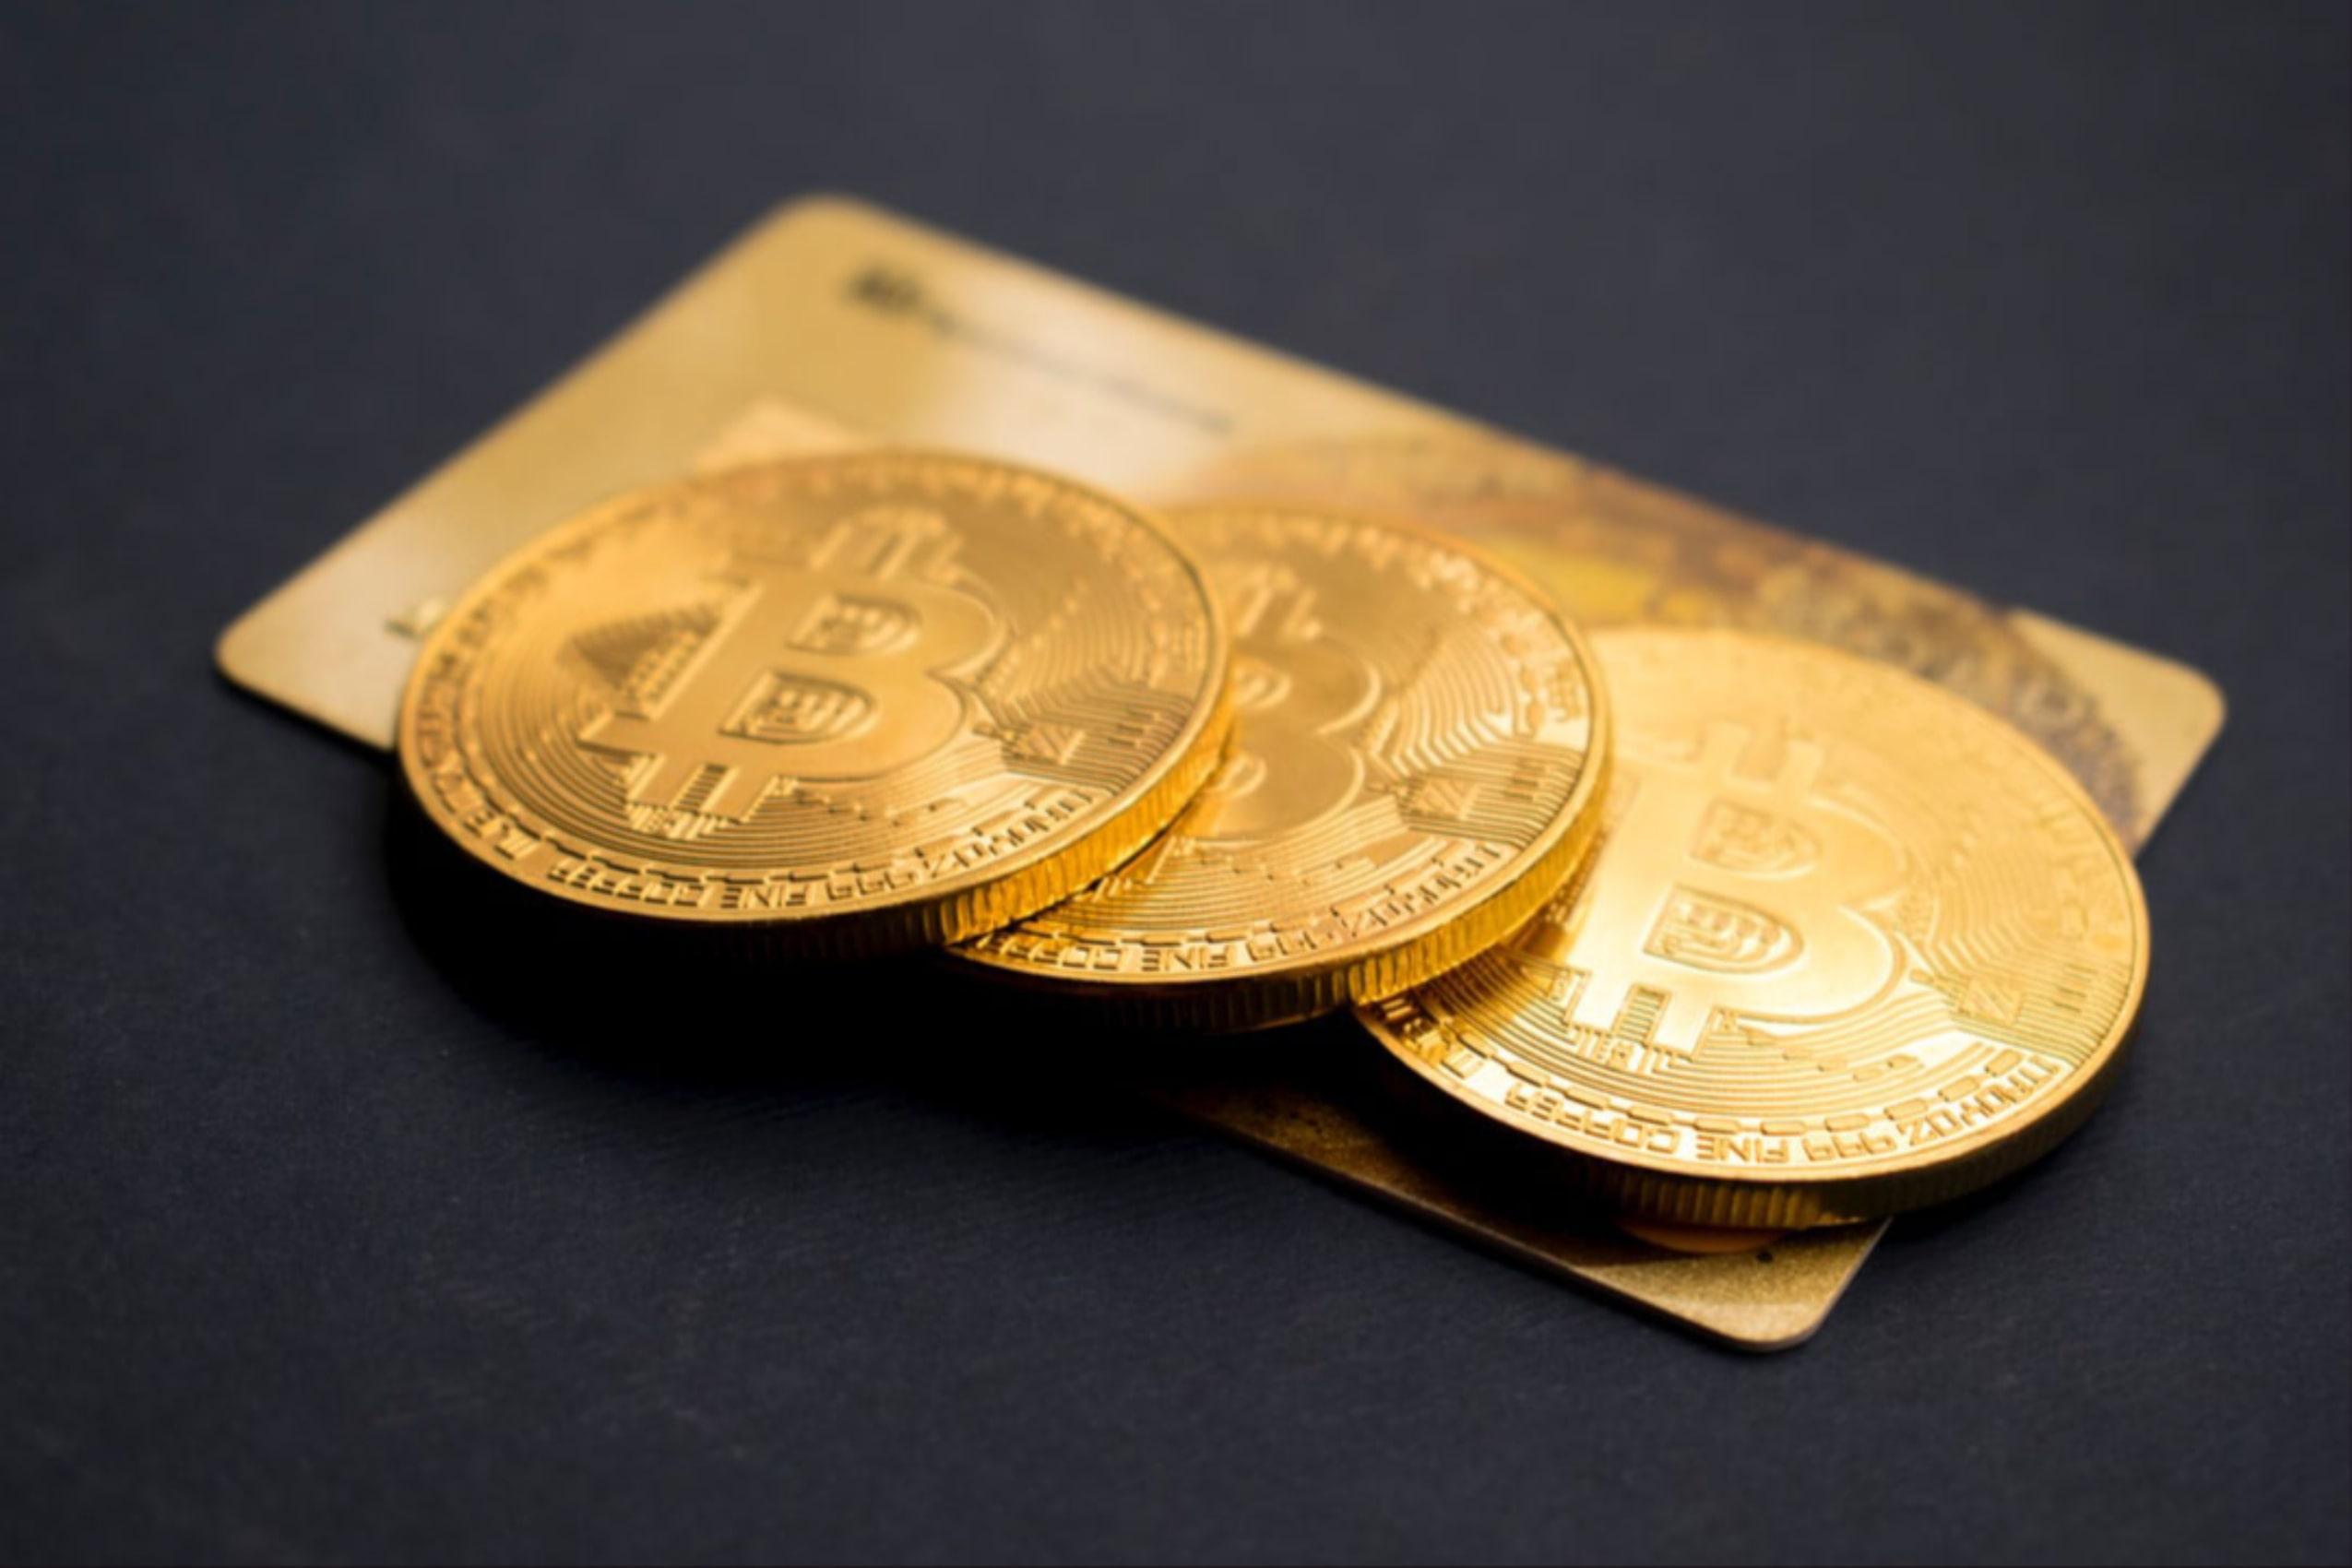 Emas Batangan, Koin Emas atau Perhiasan untuk Investasi?